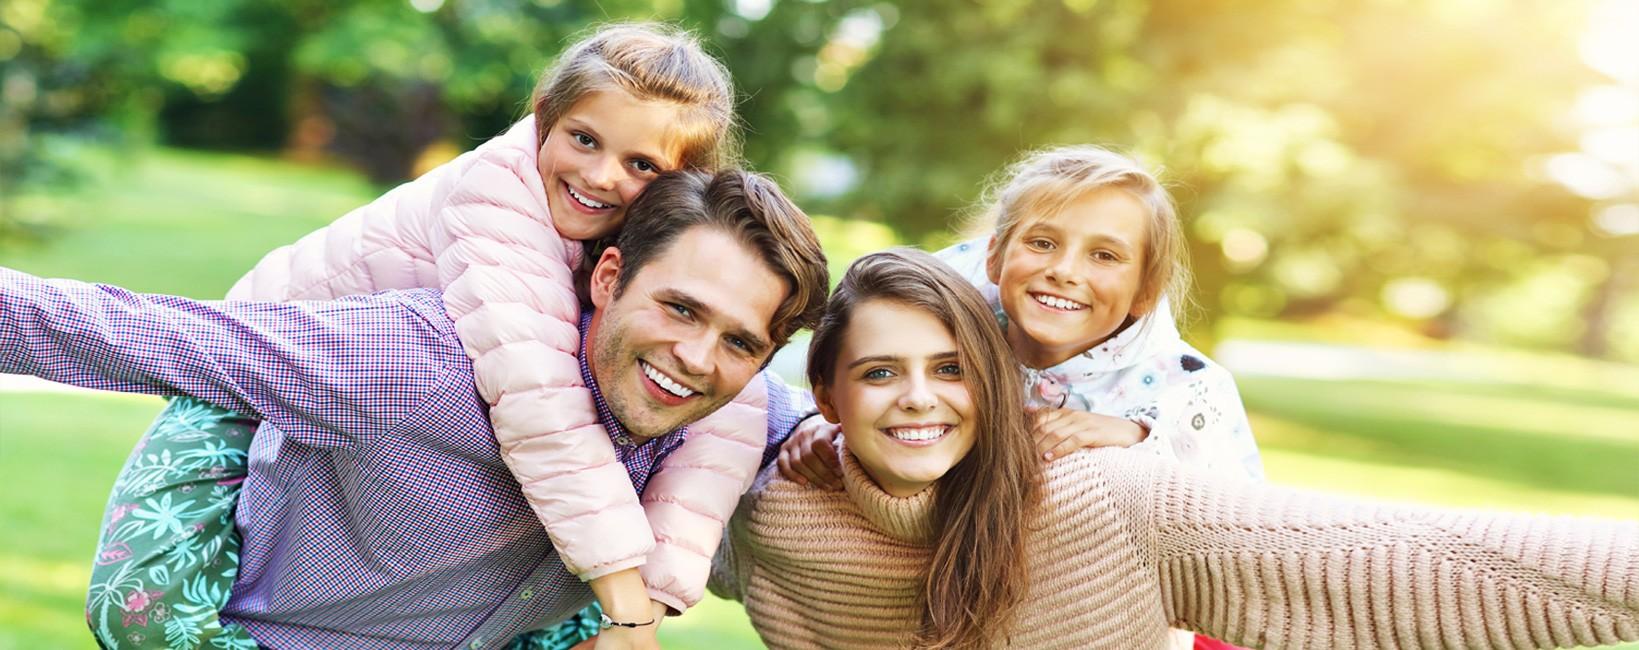 Familienhotels und Gastgeber im Berchtesgadener Land